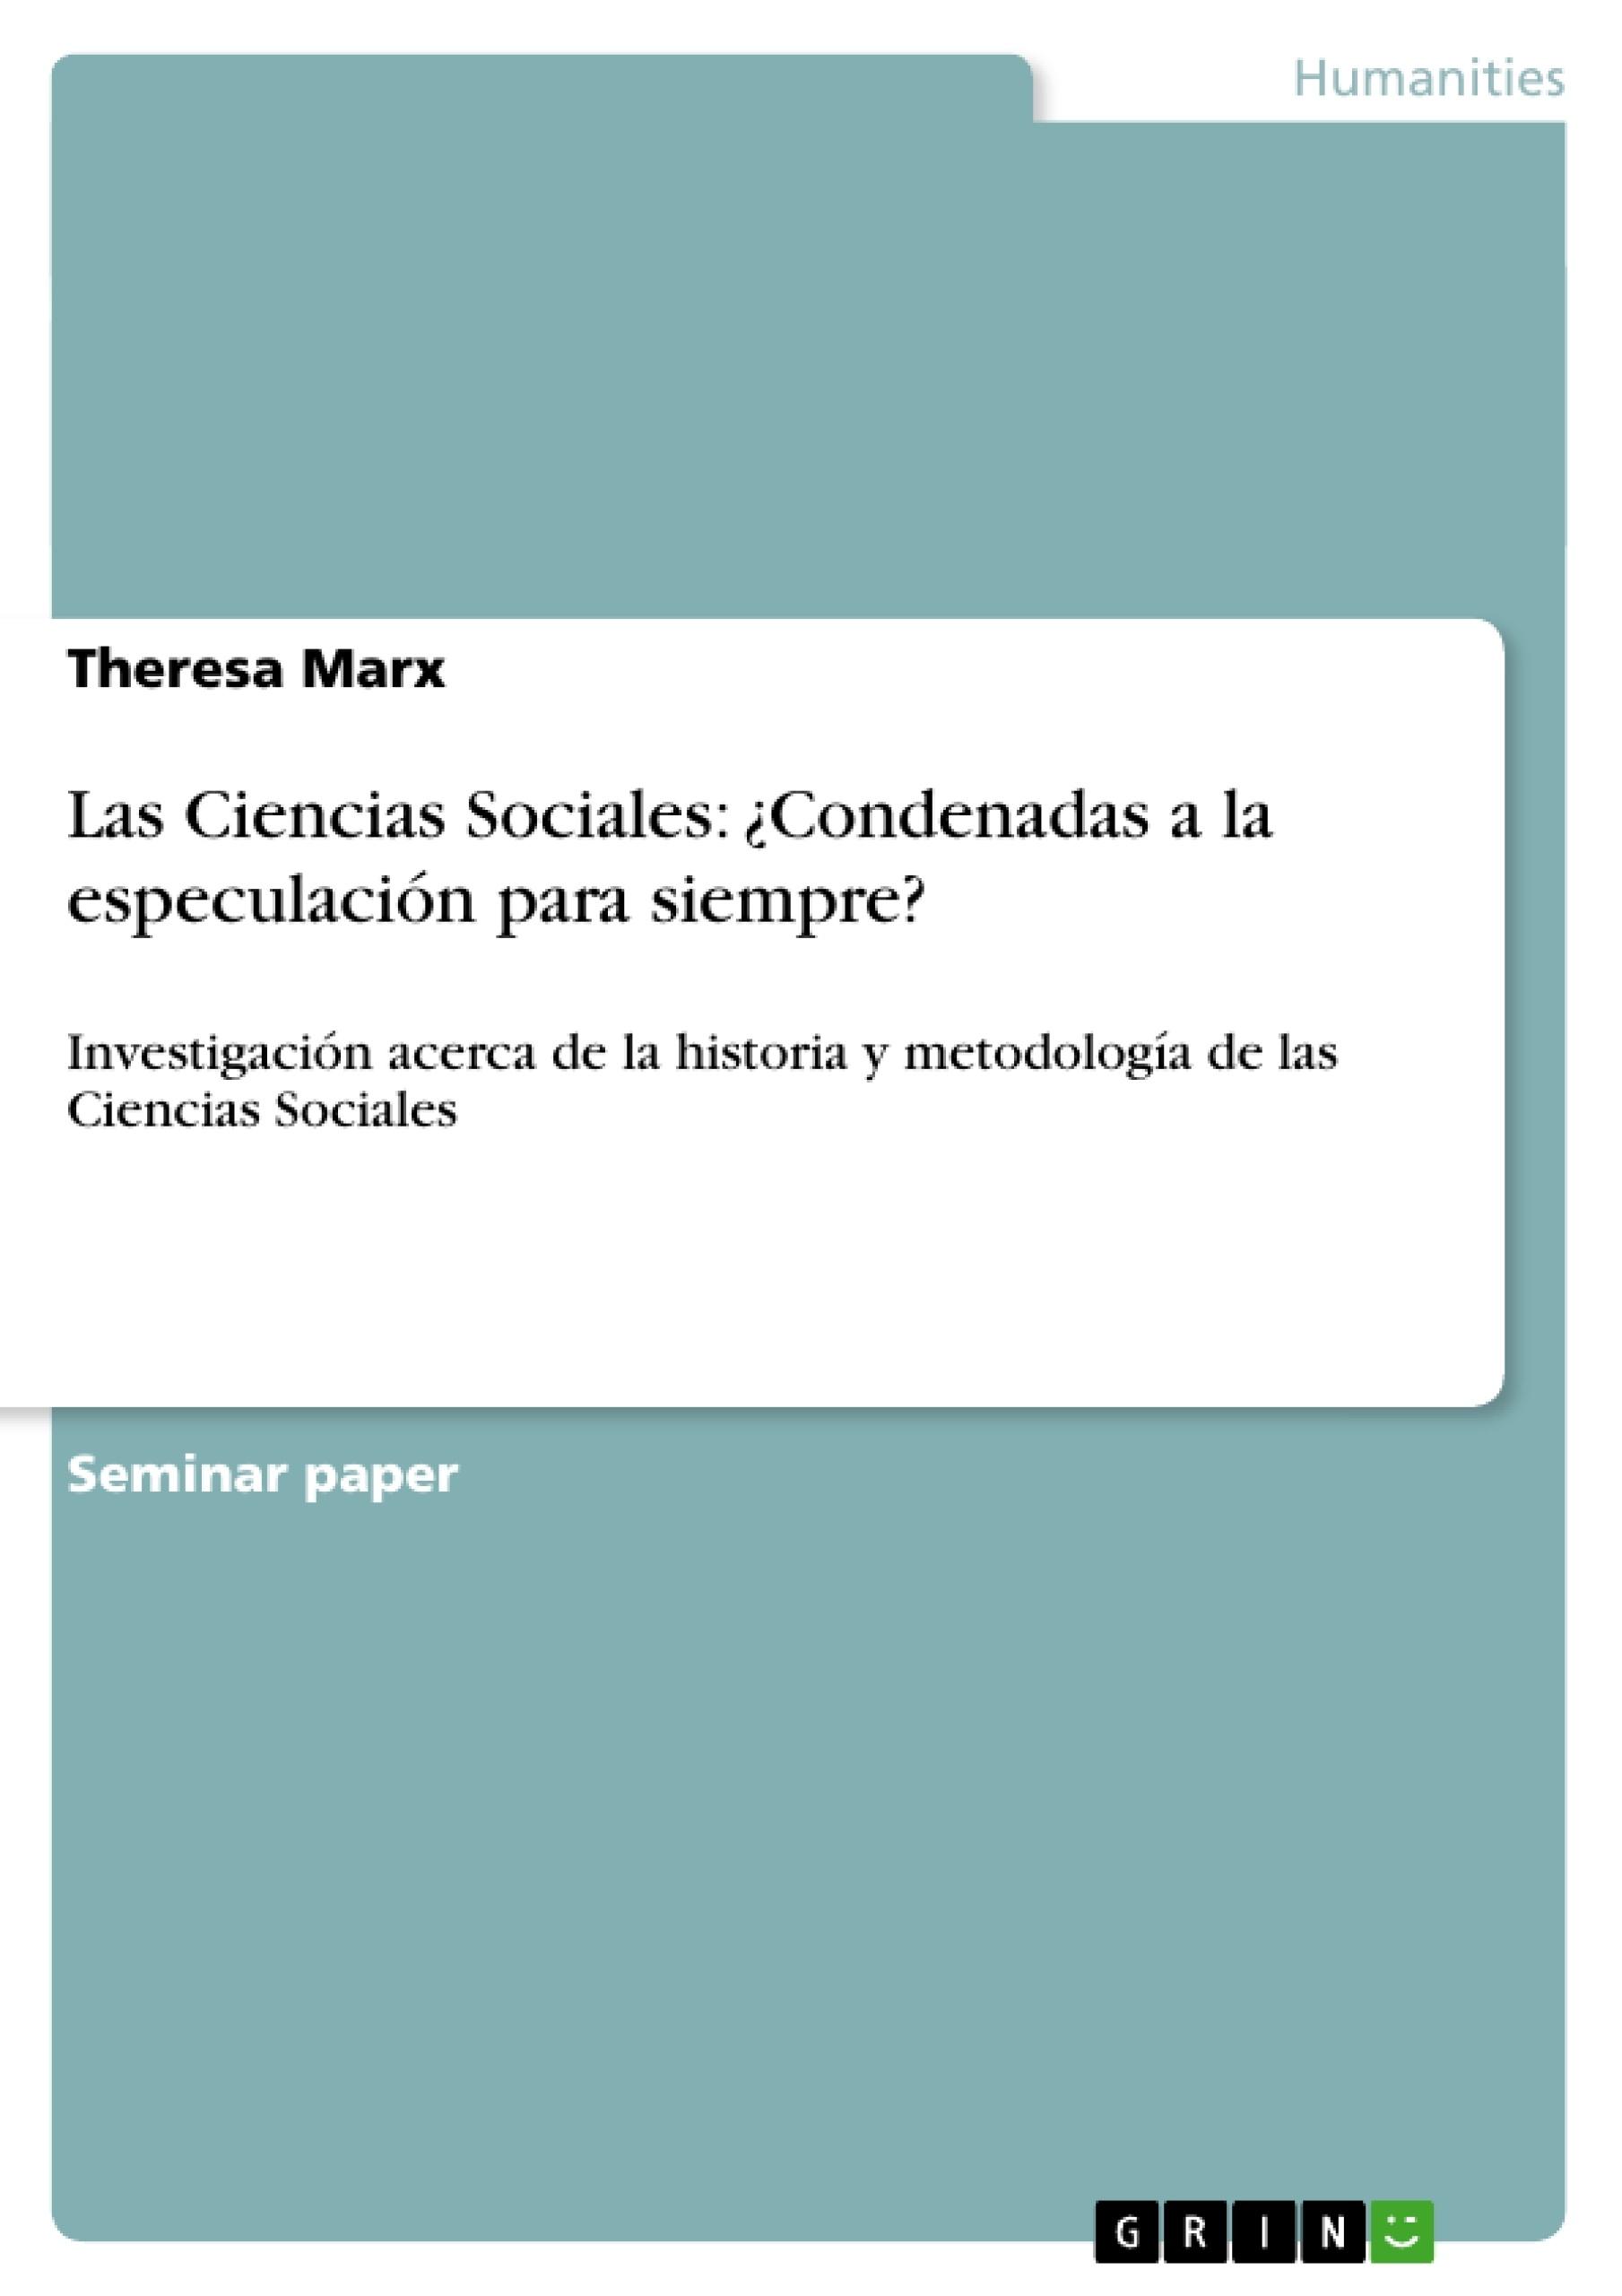 Título: Las Ciencias Sociales: ¿Condenadas a la especulación para siempre?